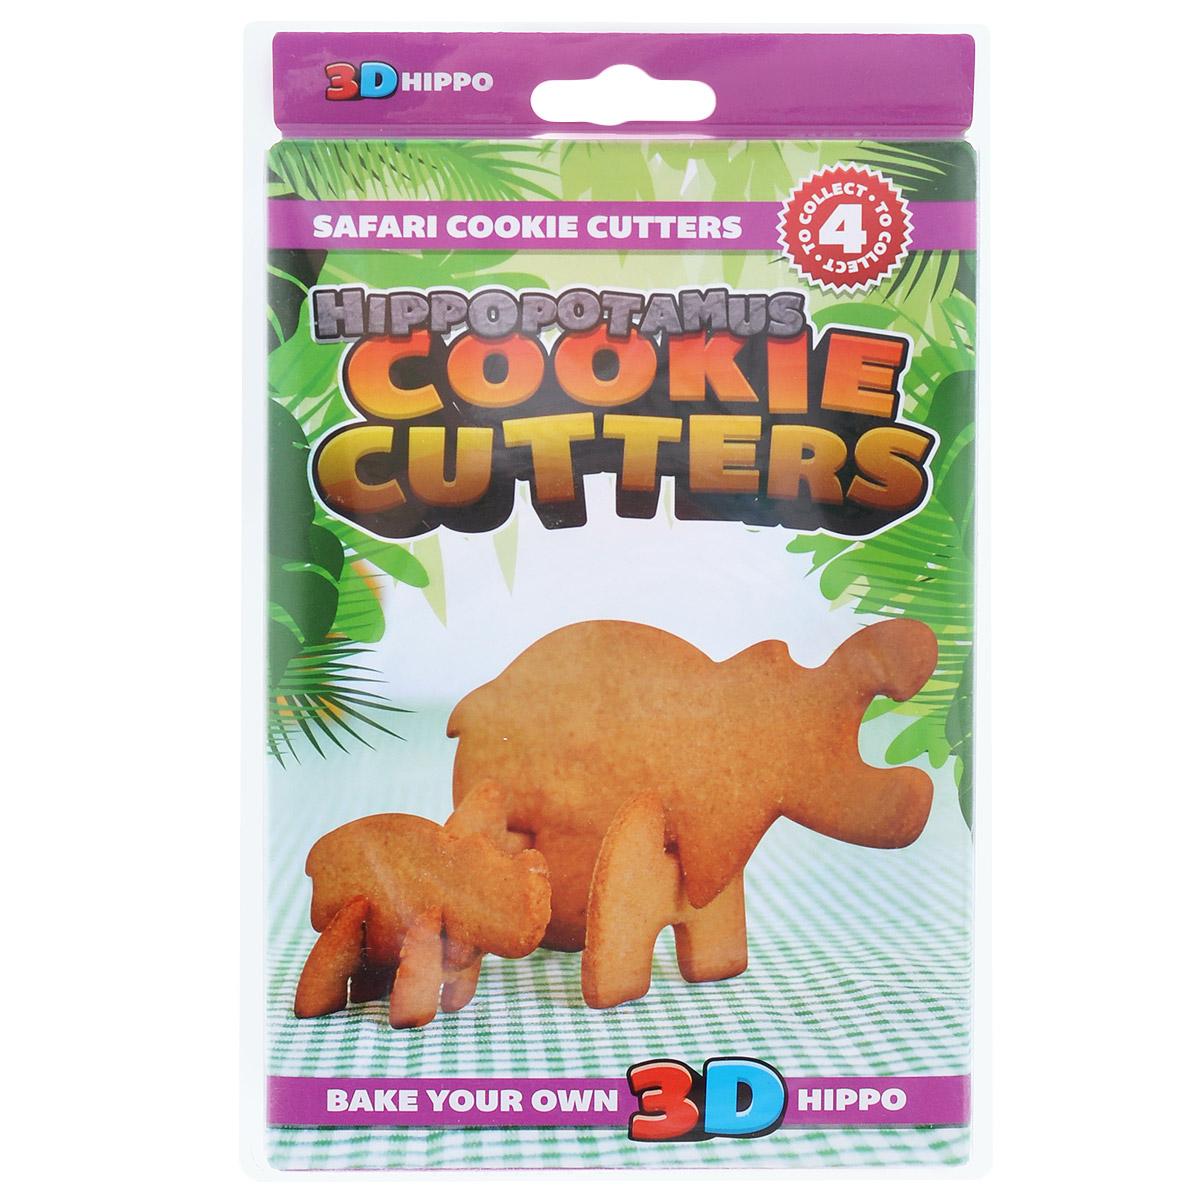 Форма для печенья 3D Suck UK Гиппопотам, цвет: фиолетовыйSK COOKIESAFARI43D форма для печенья Suck UK Гиппопотам, изготовленная из высококачественного и прочного пластика, состоит из четырех составных частей, которые позволяют собрать объемную фигуру в виде гиппопотама. С такой формой легко и просто вырезать фигурное тесто для приготовления домашнего печенья.Форма для печенья Suck UK Гиппопотам вдохновит вас и вашего ребенка на кулинарные шедевры.Можно мыть в посудомоечной машине. Размер самой большой составной части: 14 см х 8 см.Размер самой маленькой составной части: 3 см х 3 см.